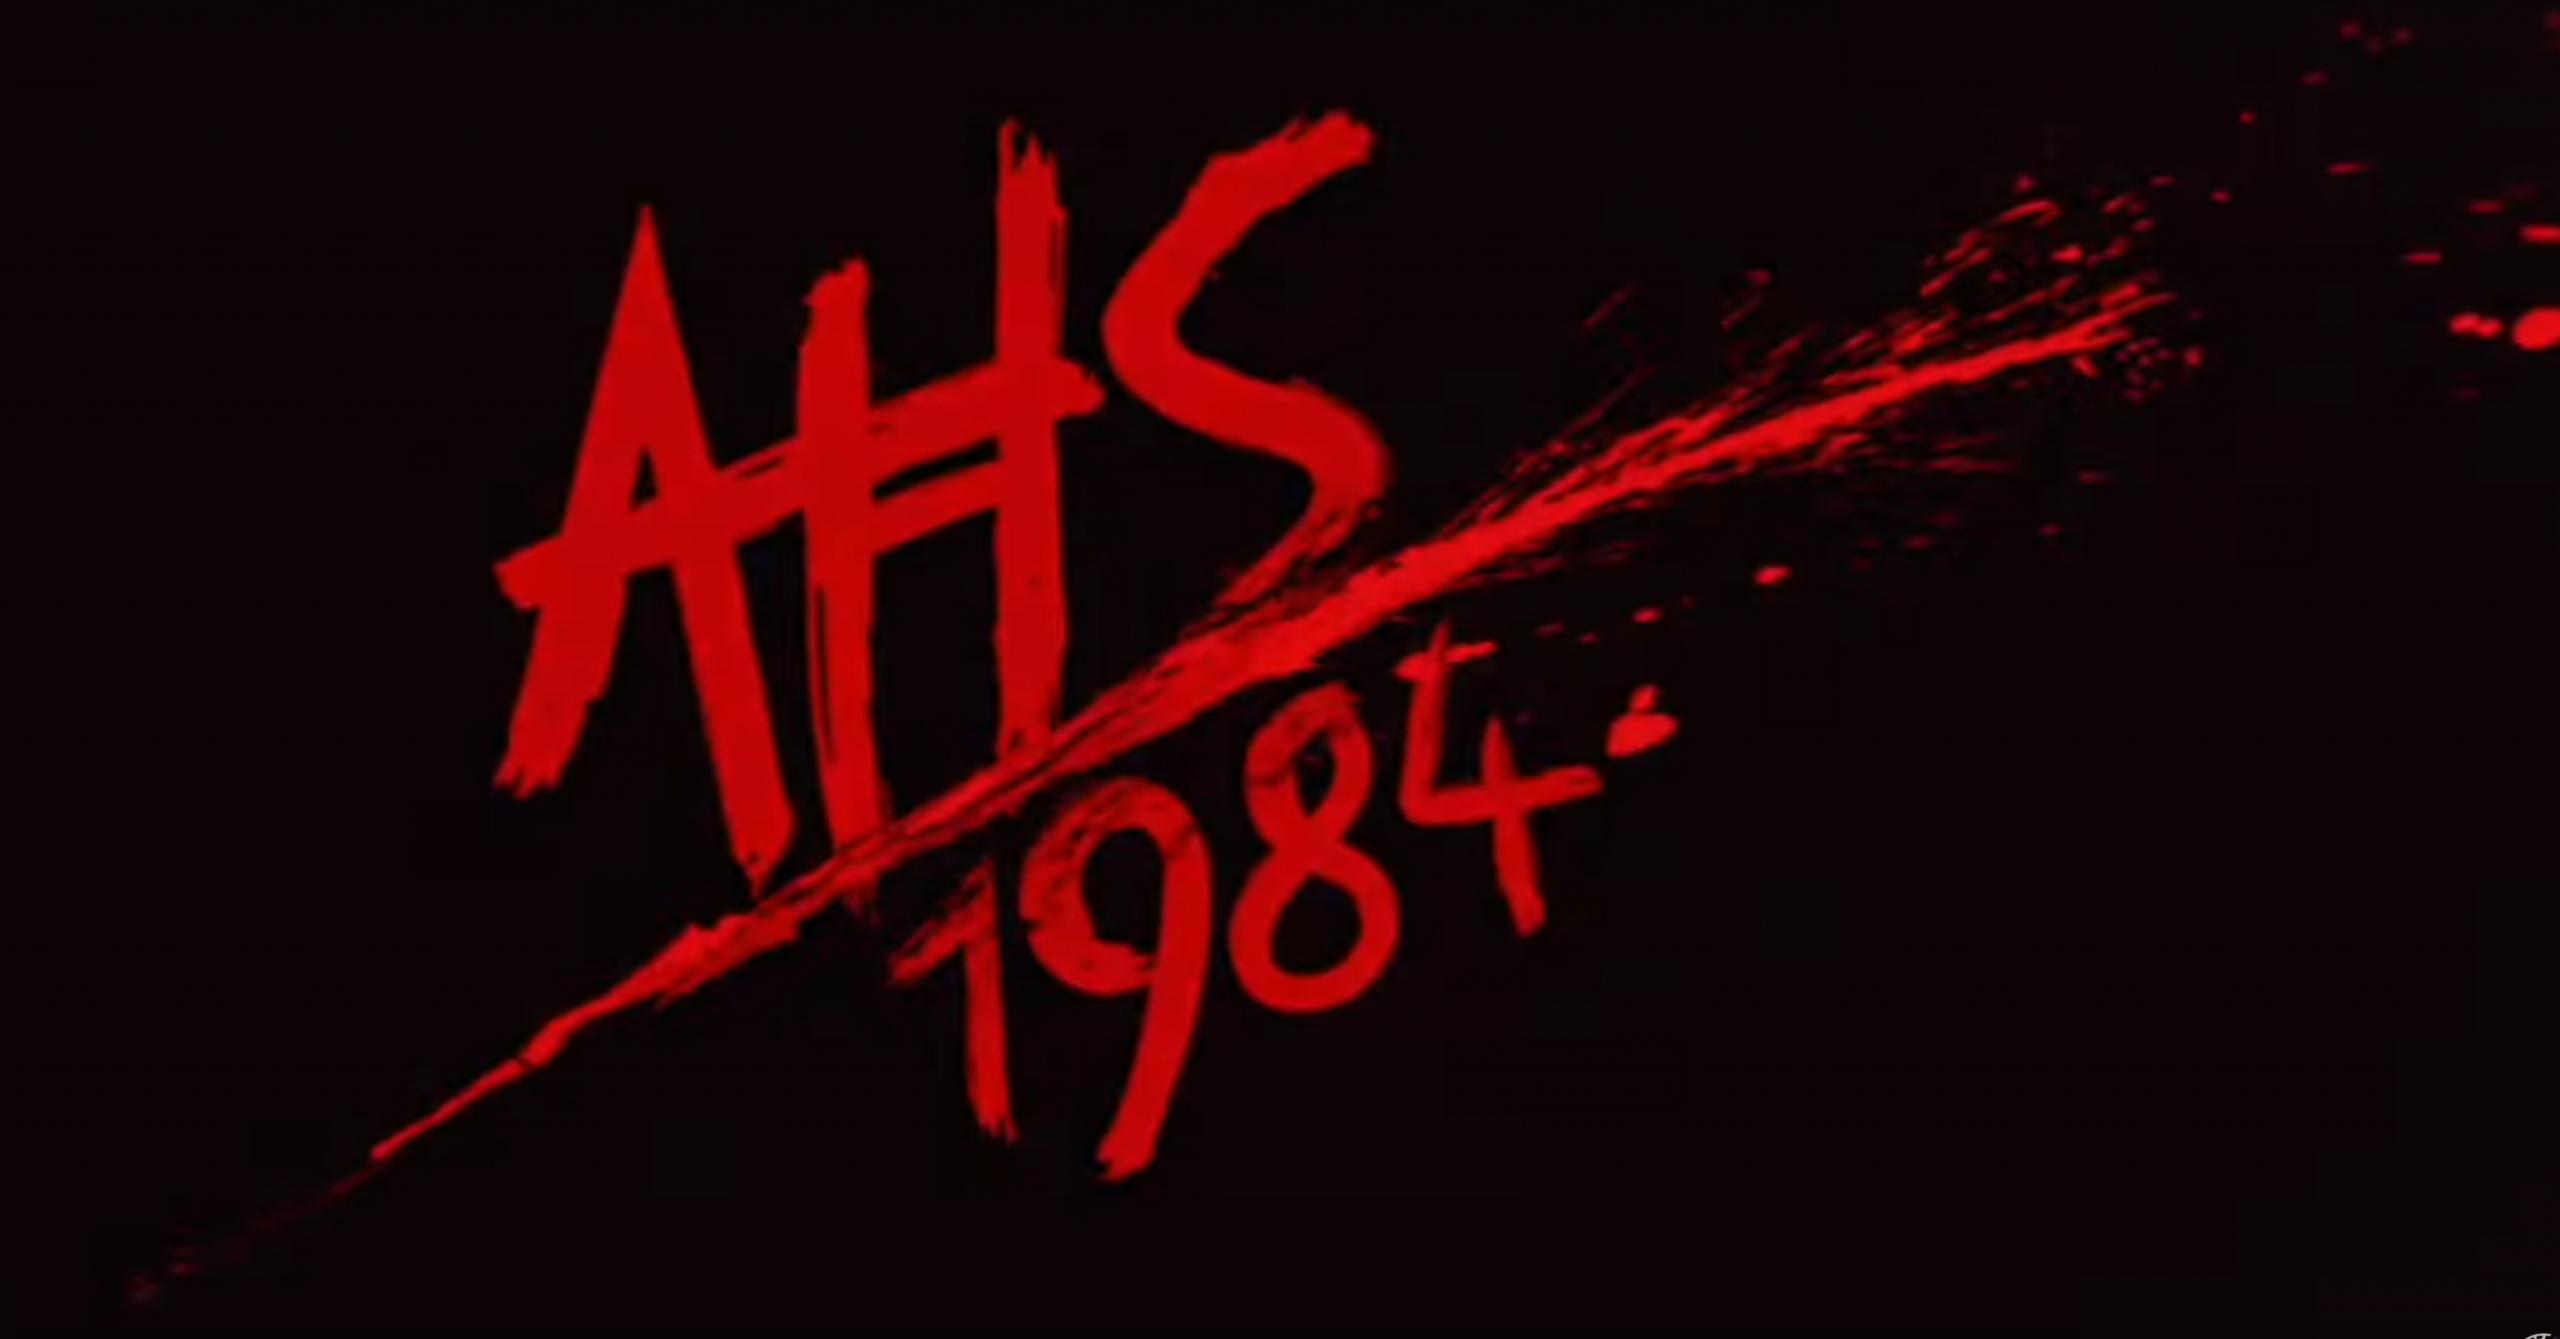 AHS '84 title card